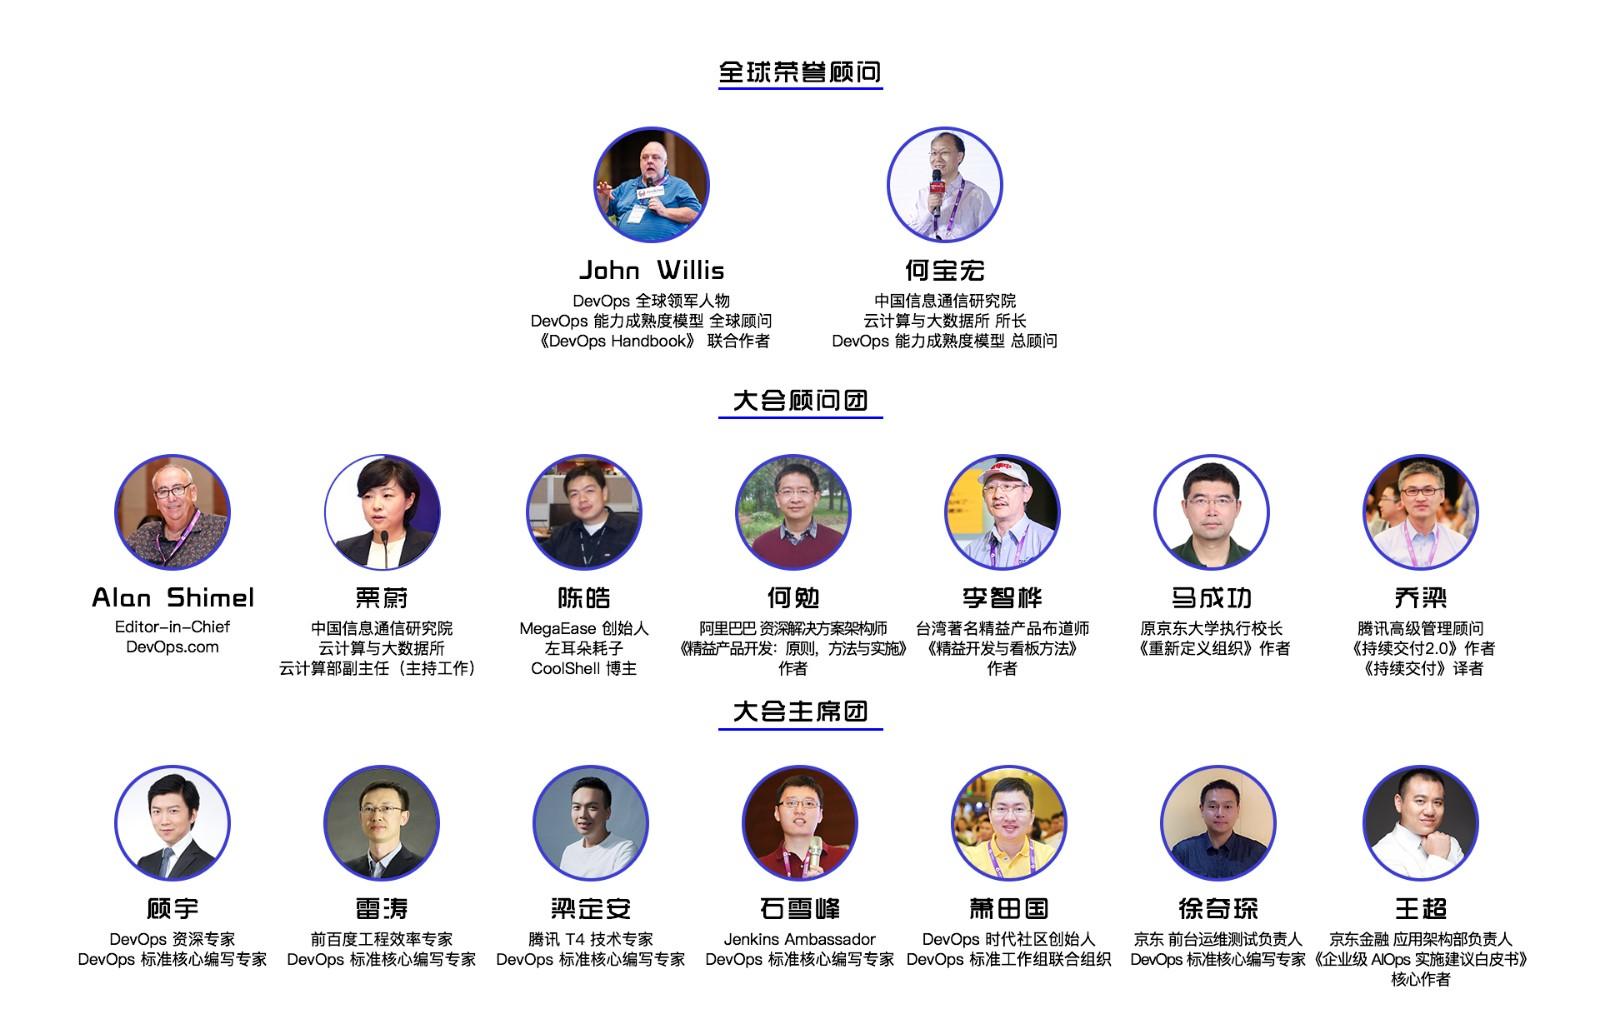 DevOps 國際峰會 2020·北京站(DOIS 2020·北京站)